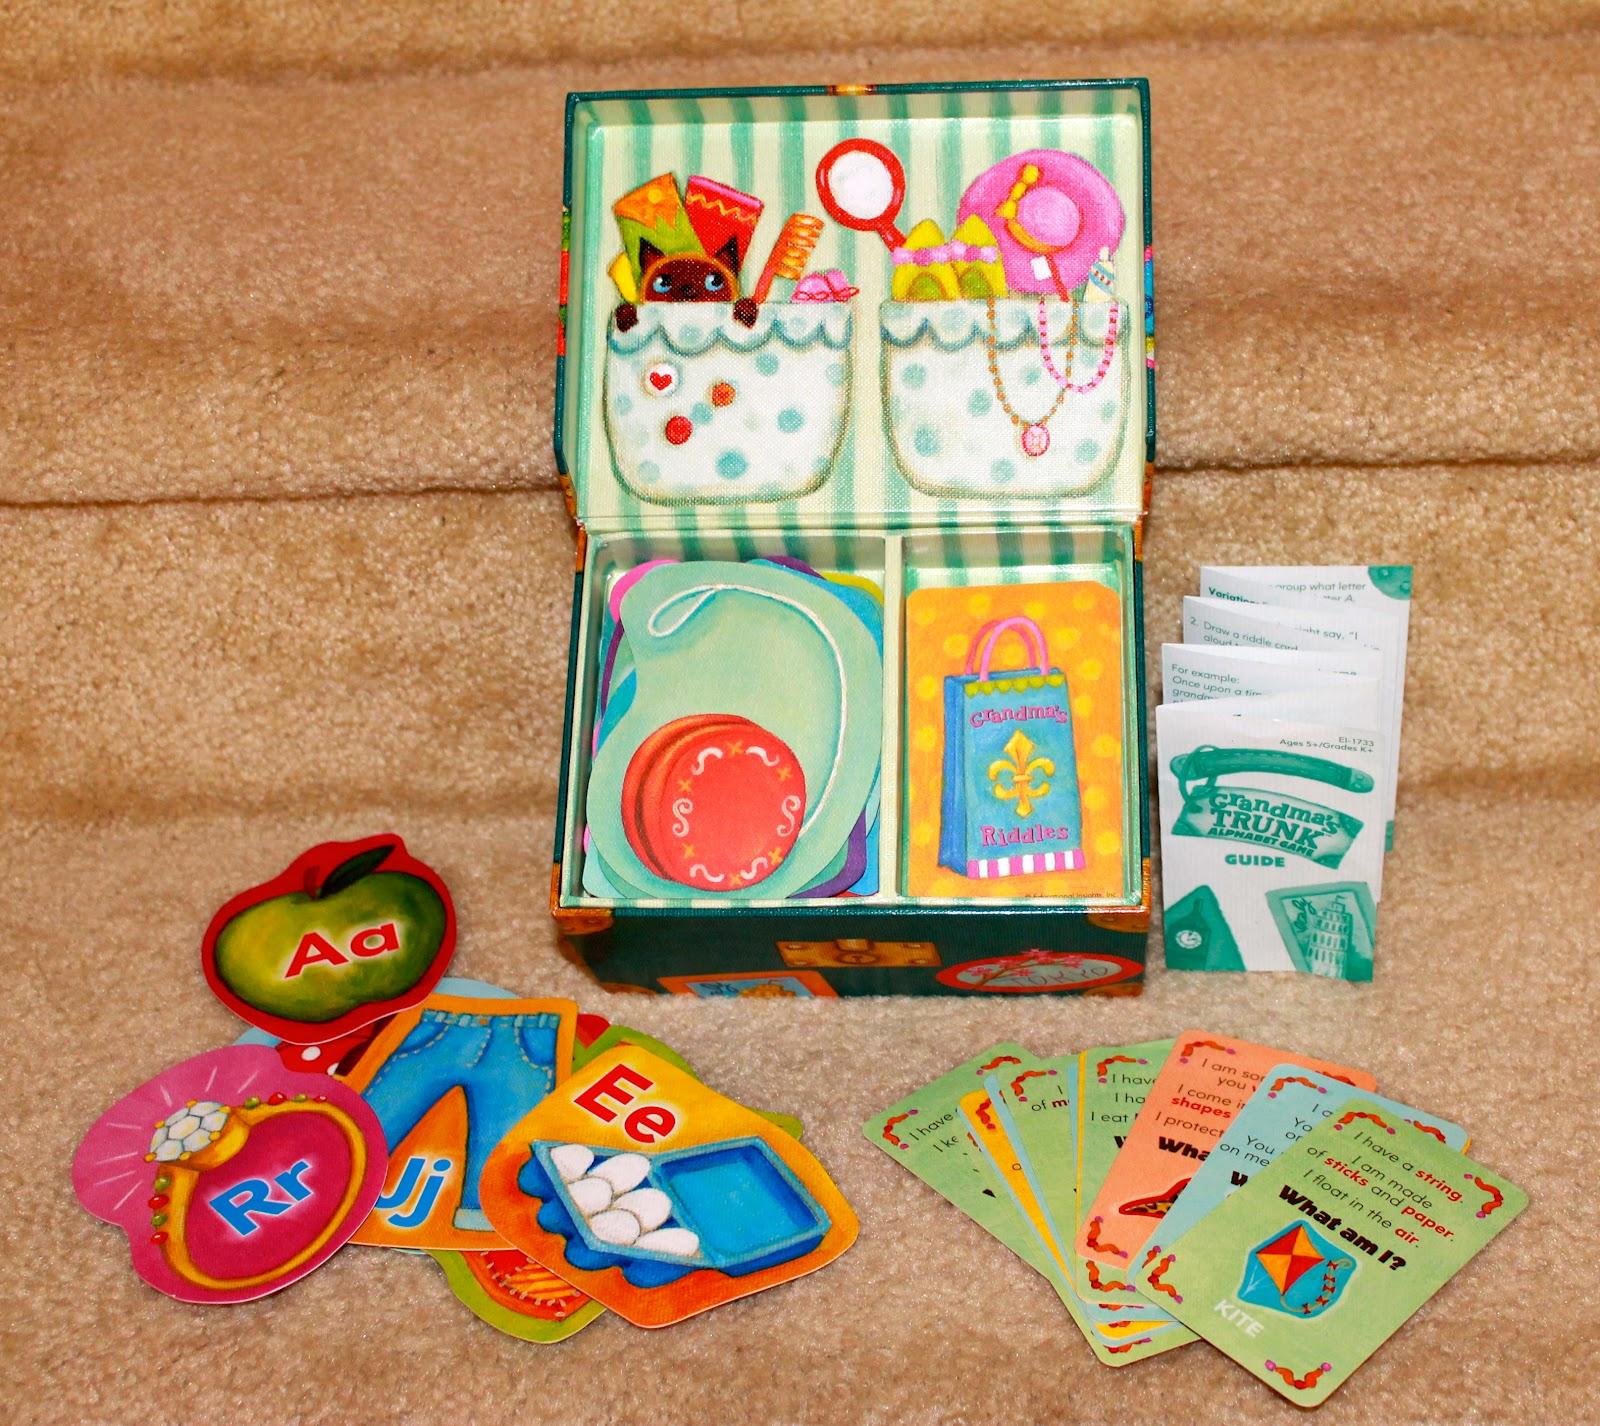 Aarp Games Toy Chest : Aarp free games mahjongg happy memorial day